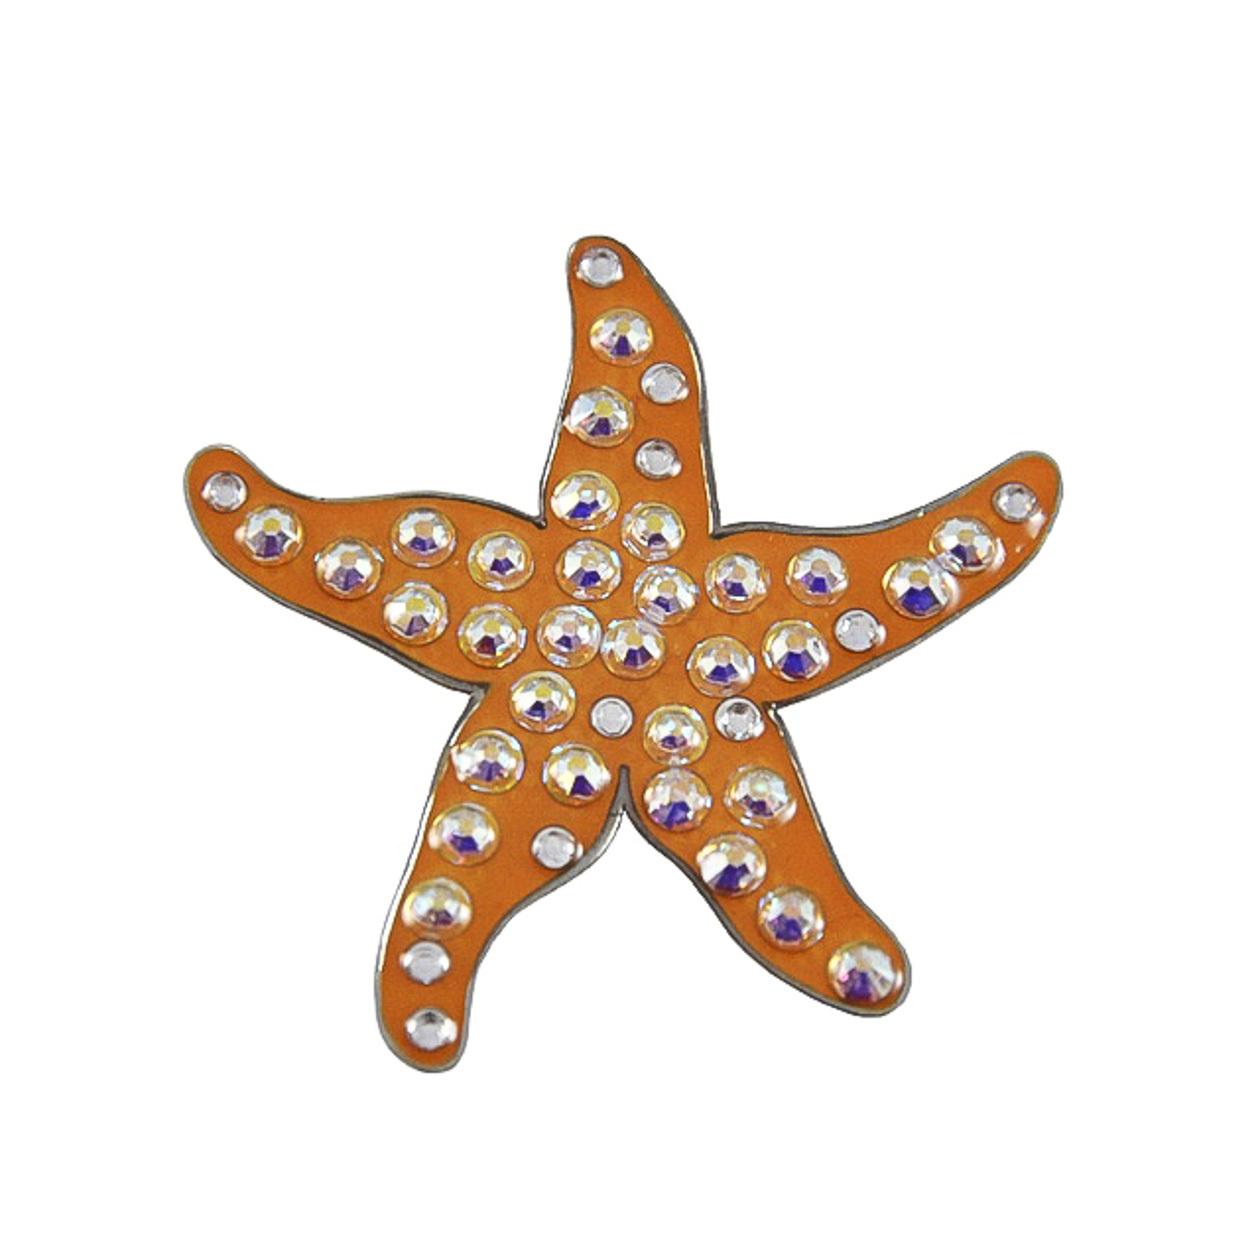 97. Starfish